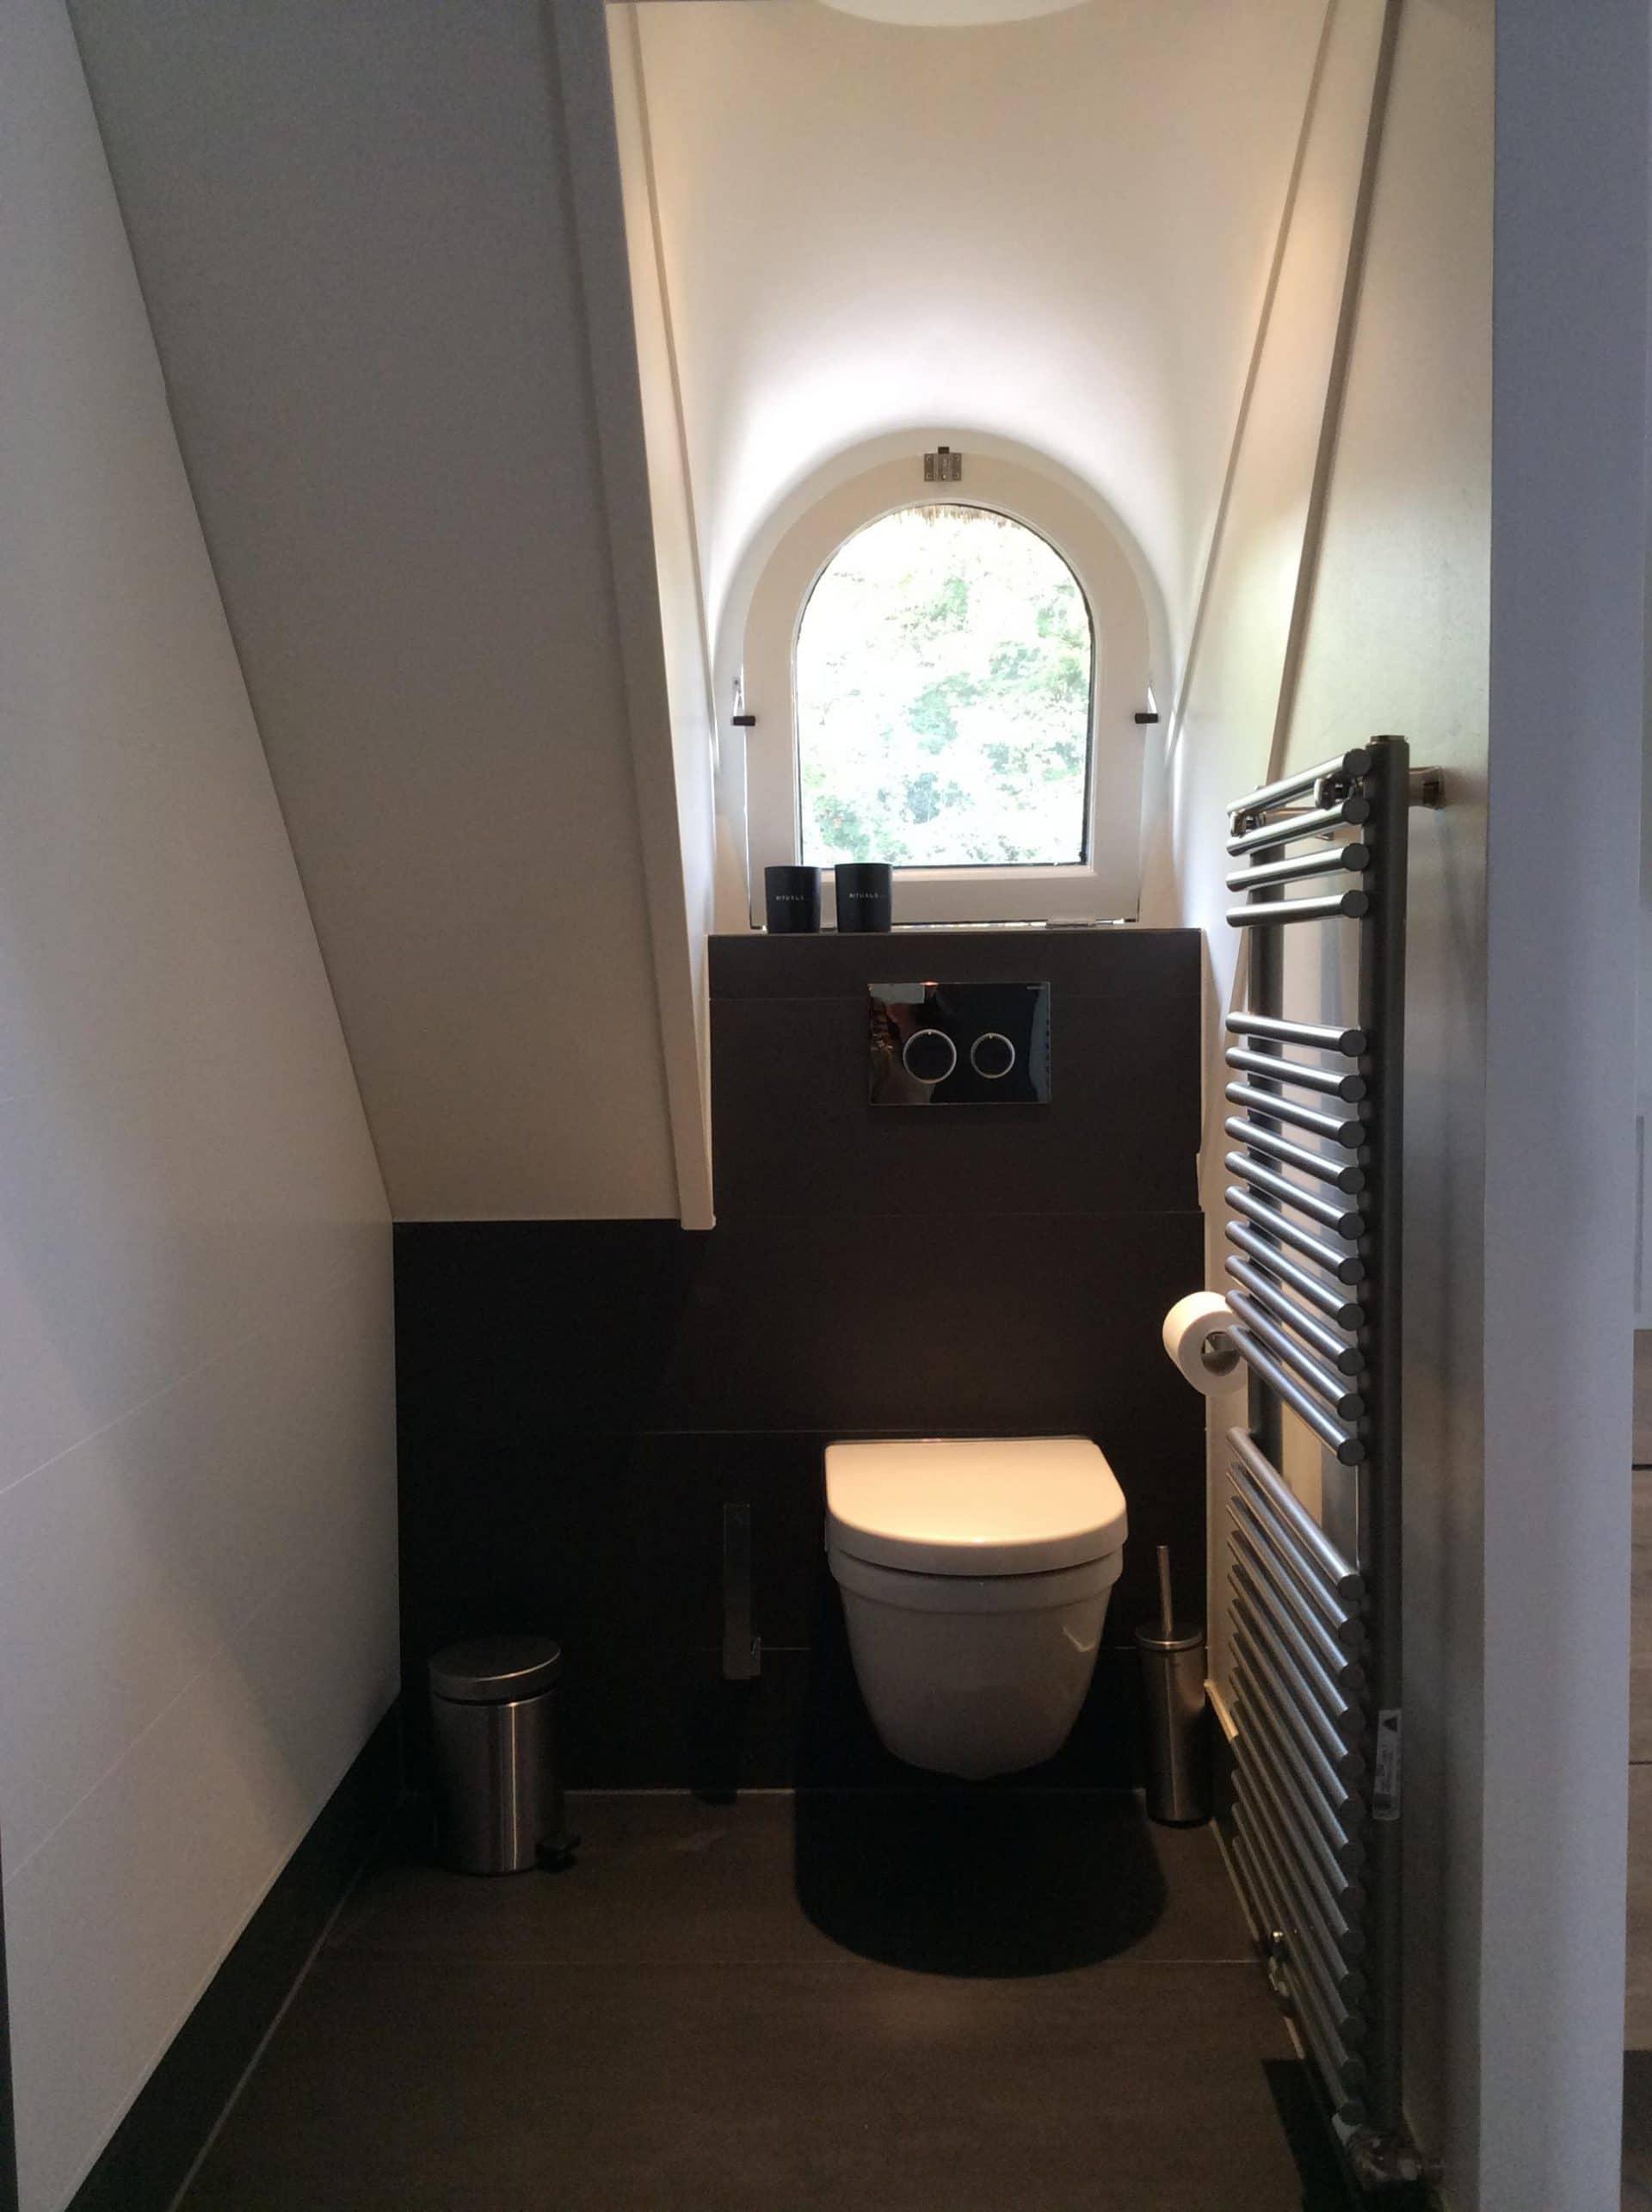 badkamer verbouwen naar je eigen smaak wensen en bud bekijk